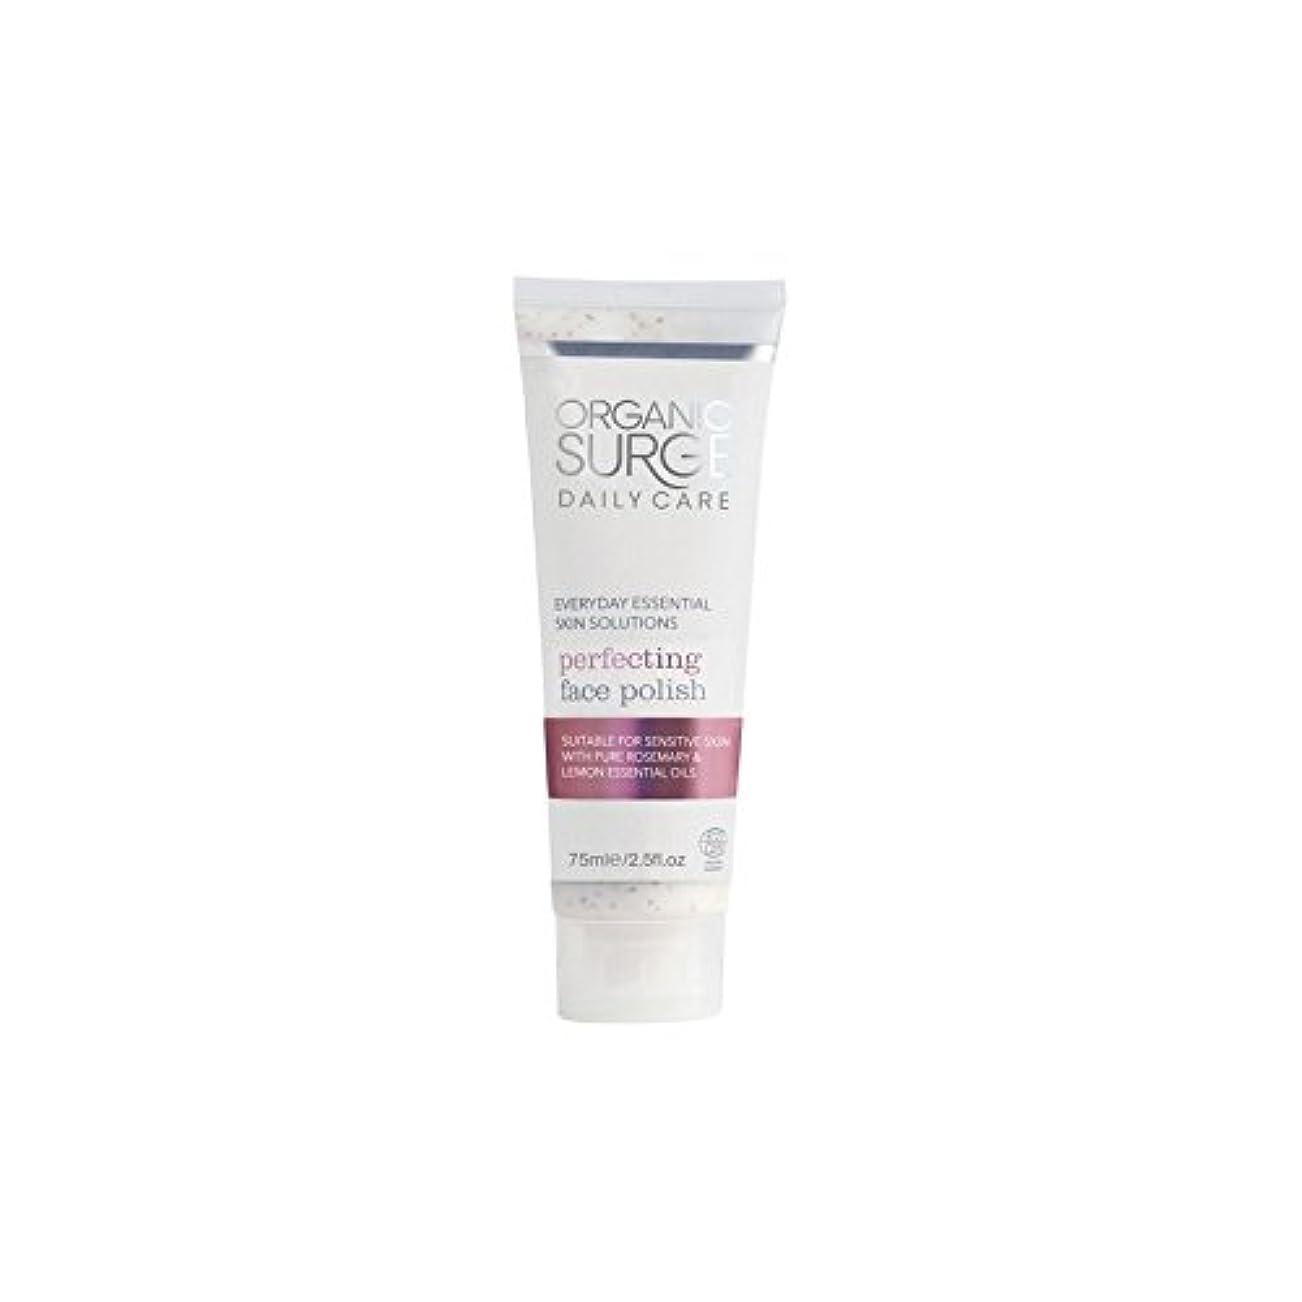 ブランク消毒剤必要条件Organic Surge Daily Care Perfecting Face Polish (75ml) (Pack of 6) - 面研磨を完成有機サージ毎日のケア(75ミリリットル) x6 [並行輸入品]